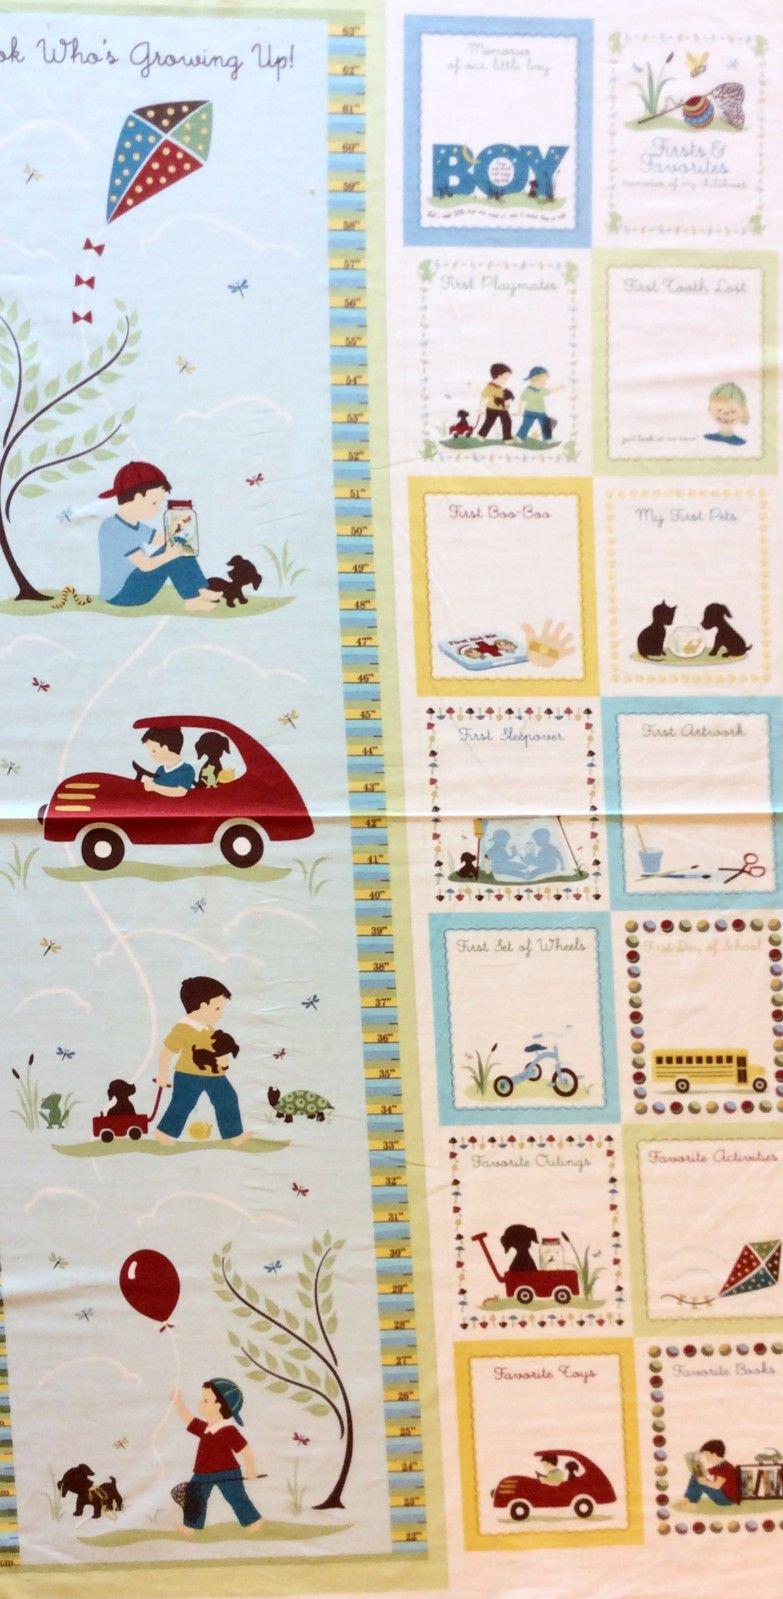 Pnl122 growth chart little boys cute kids cotton quilt fabric panel geenschuldenfo Images